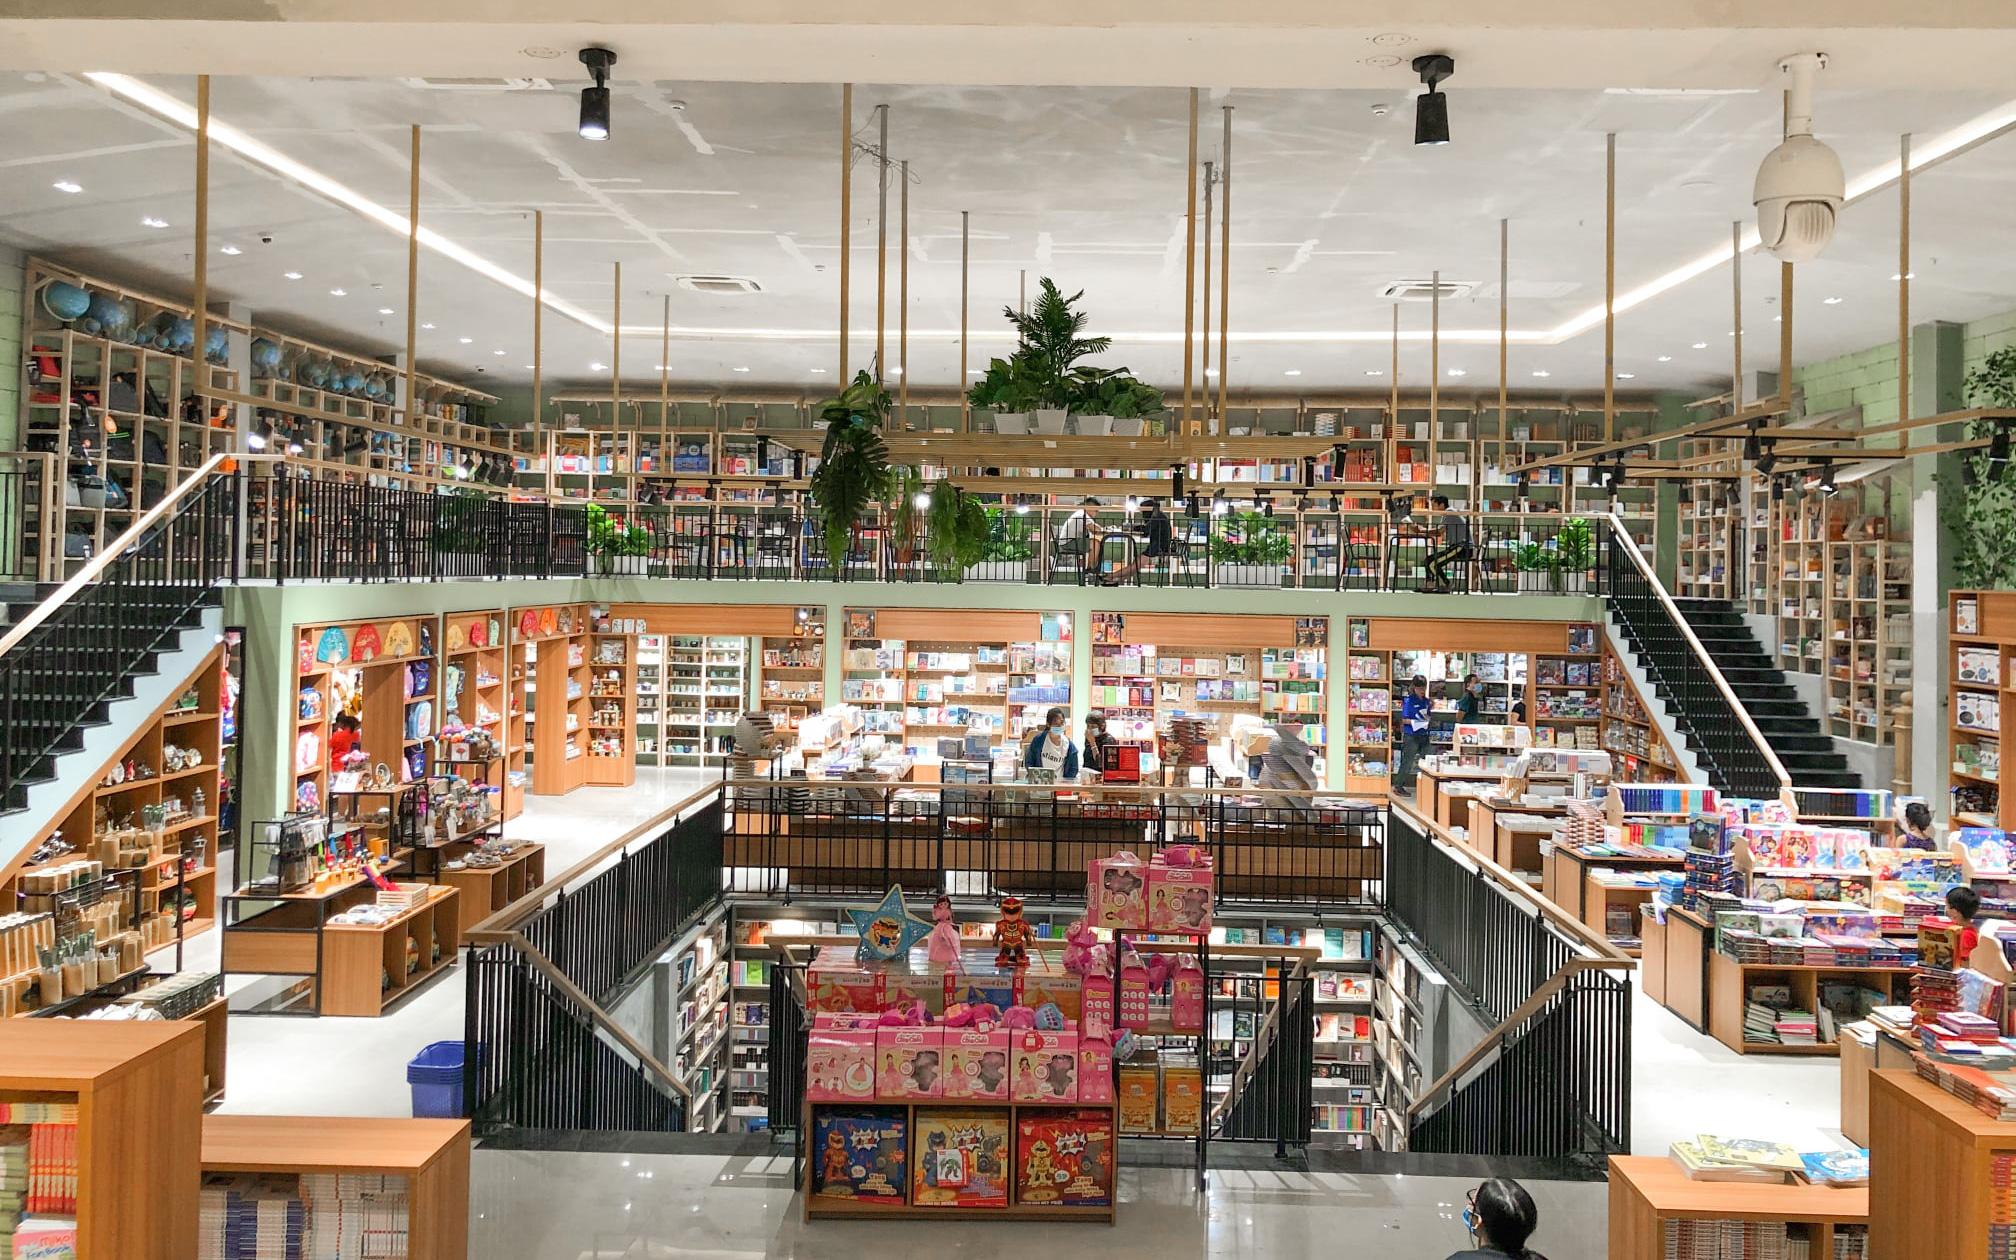 Nhà sách xịn và rộng như mê cung ở Sài Gòn đang gây sốt khắp cộng đồng mạng, có chỗ ngồi đọc và sống ảo suốt cả ngày không hết